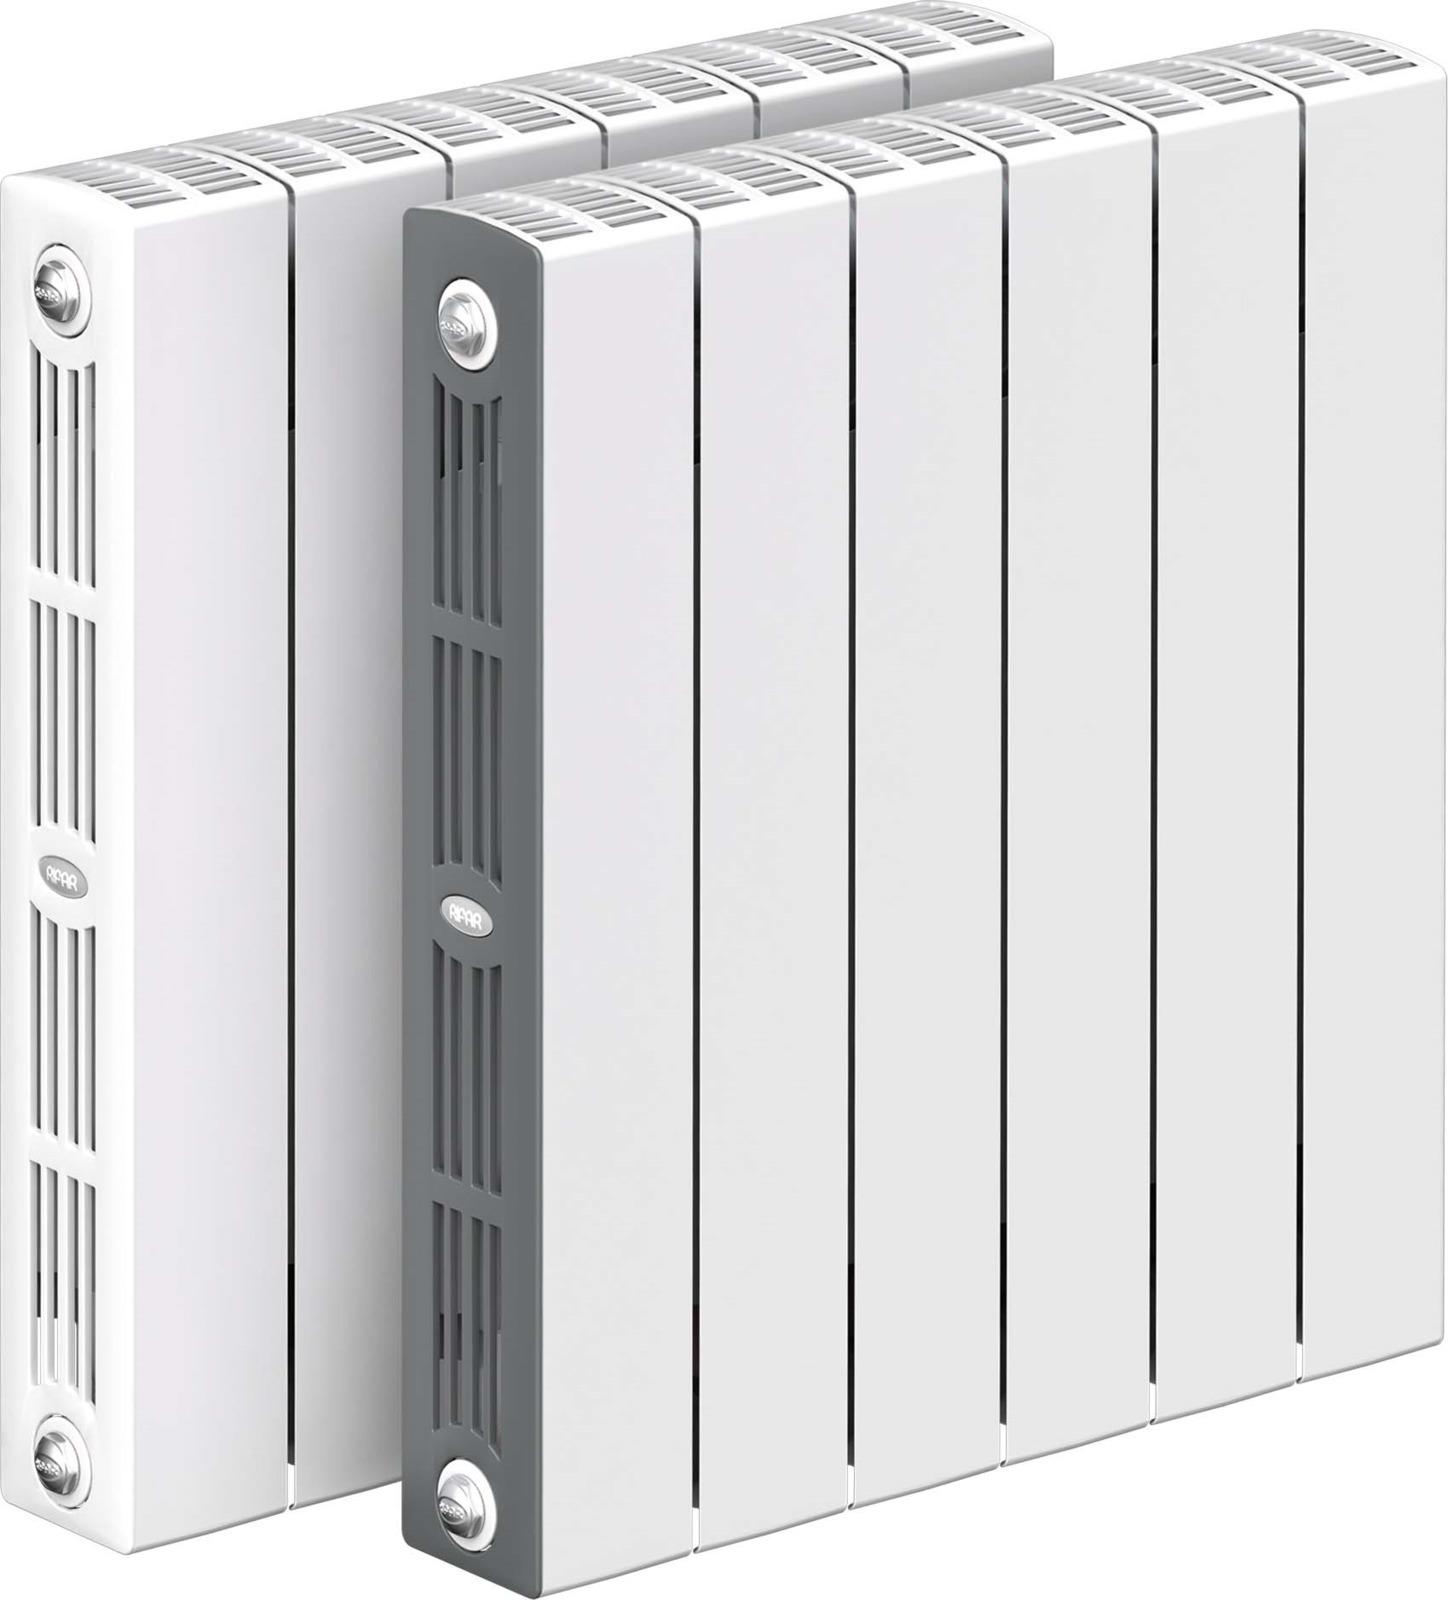 Секционный радиатор Rifar Supremo 350, биметаллический, RIFAR S 350-4, белый, 4 секции kermi profil v profil v ftv 22 500 2600 радиатор стальной панельный нижнее подключение белый ral 9016